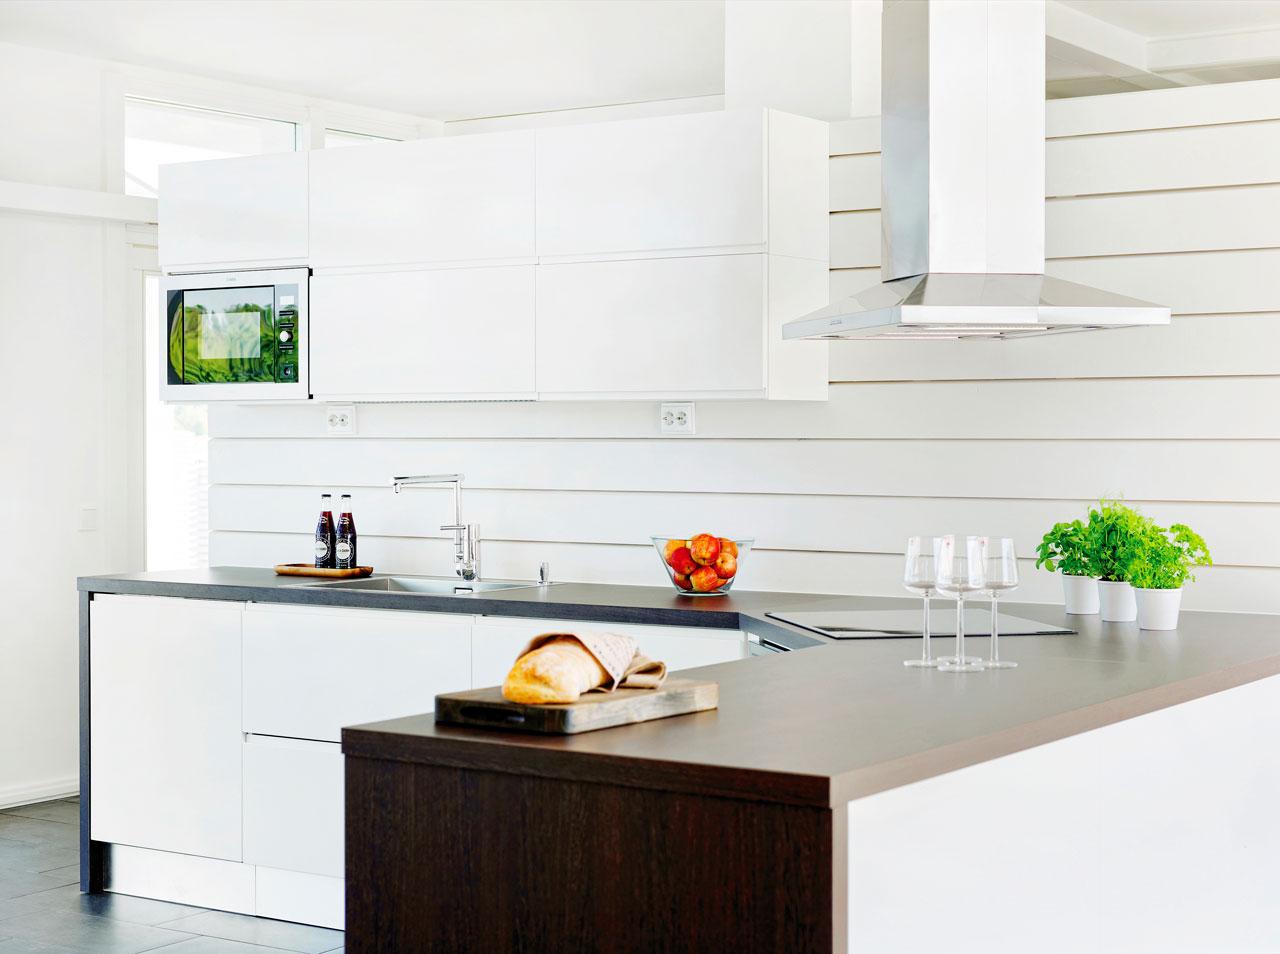 Modernia saaristolaistunnelmaa. Pelkistetyn minimalistinen ja selkeitä linjoja sisältävä keittiö tuo raikkaan vaikutelman. Säde-ovimalli on kiiltomaalattua mdf-levyä ja kehysmäisesti kulkevat tummat työtasot wenge-laminaattia. Kauniin yksinkertaisen keittiön viimeistelevät erikokoiset laatikko-osat, jotka on varusteltu sormiurilla.  Lisätietoja Topi-Keittiöt, www.topi-keittiot.fi